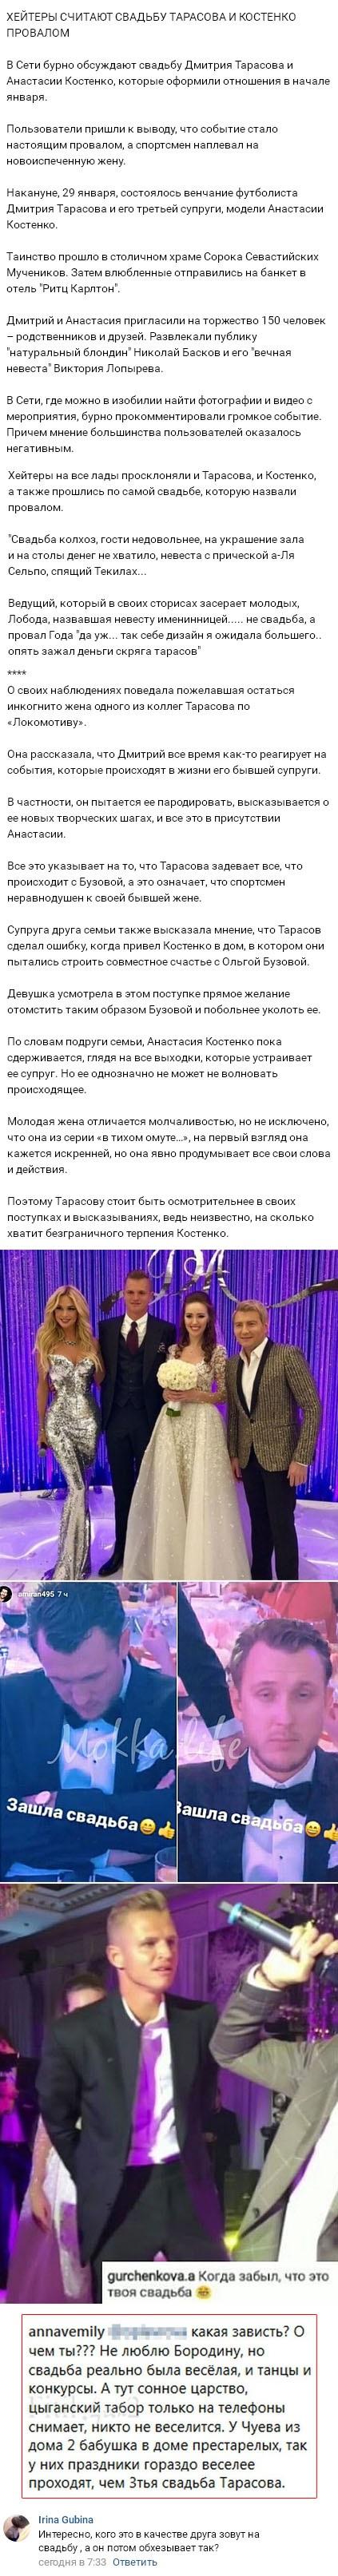 Хейтеры в пух и прах разнесли провальную свадьбу Анастасии Костенко и Дмитрия Тарасова